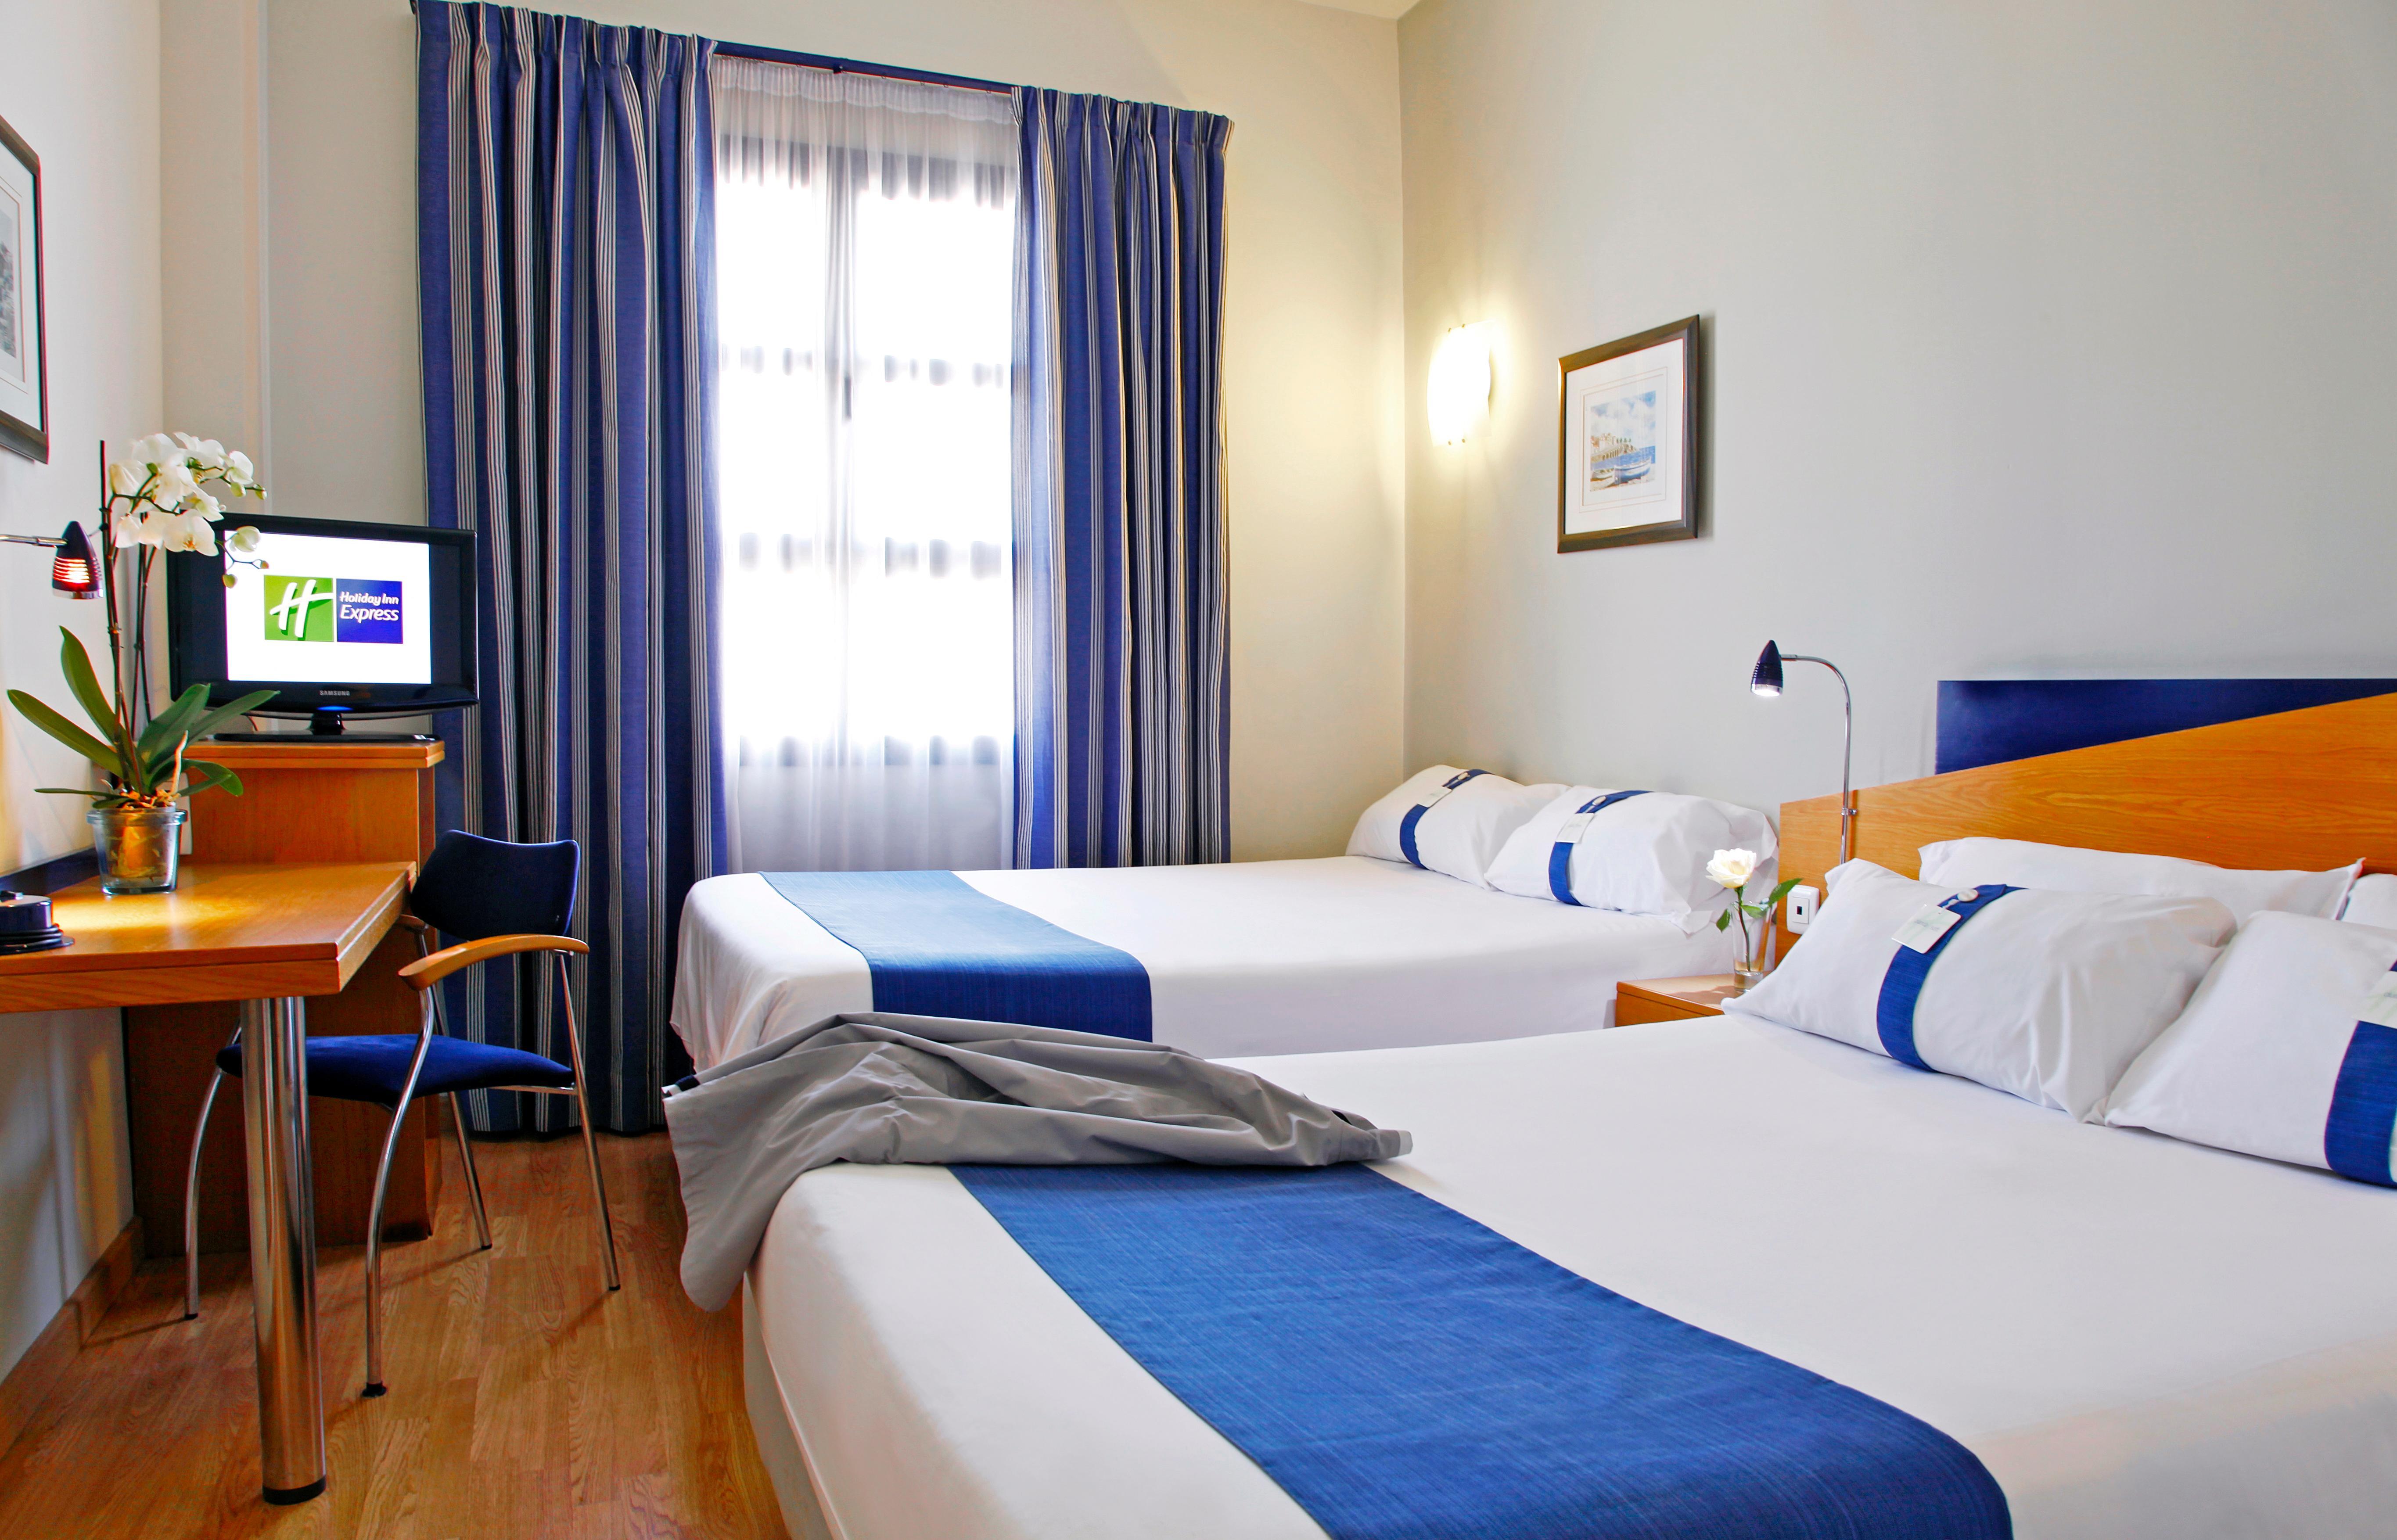 Holiday Inn Express Ciudad de las Ciencias en Valencia